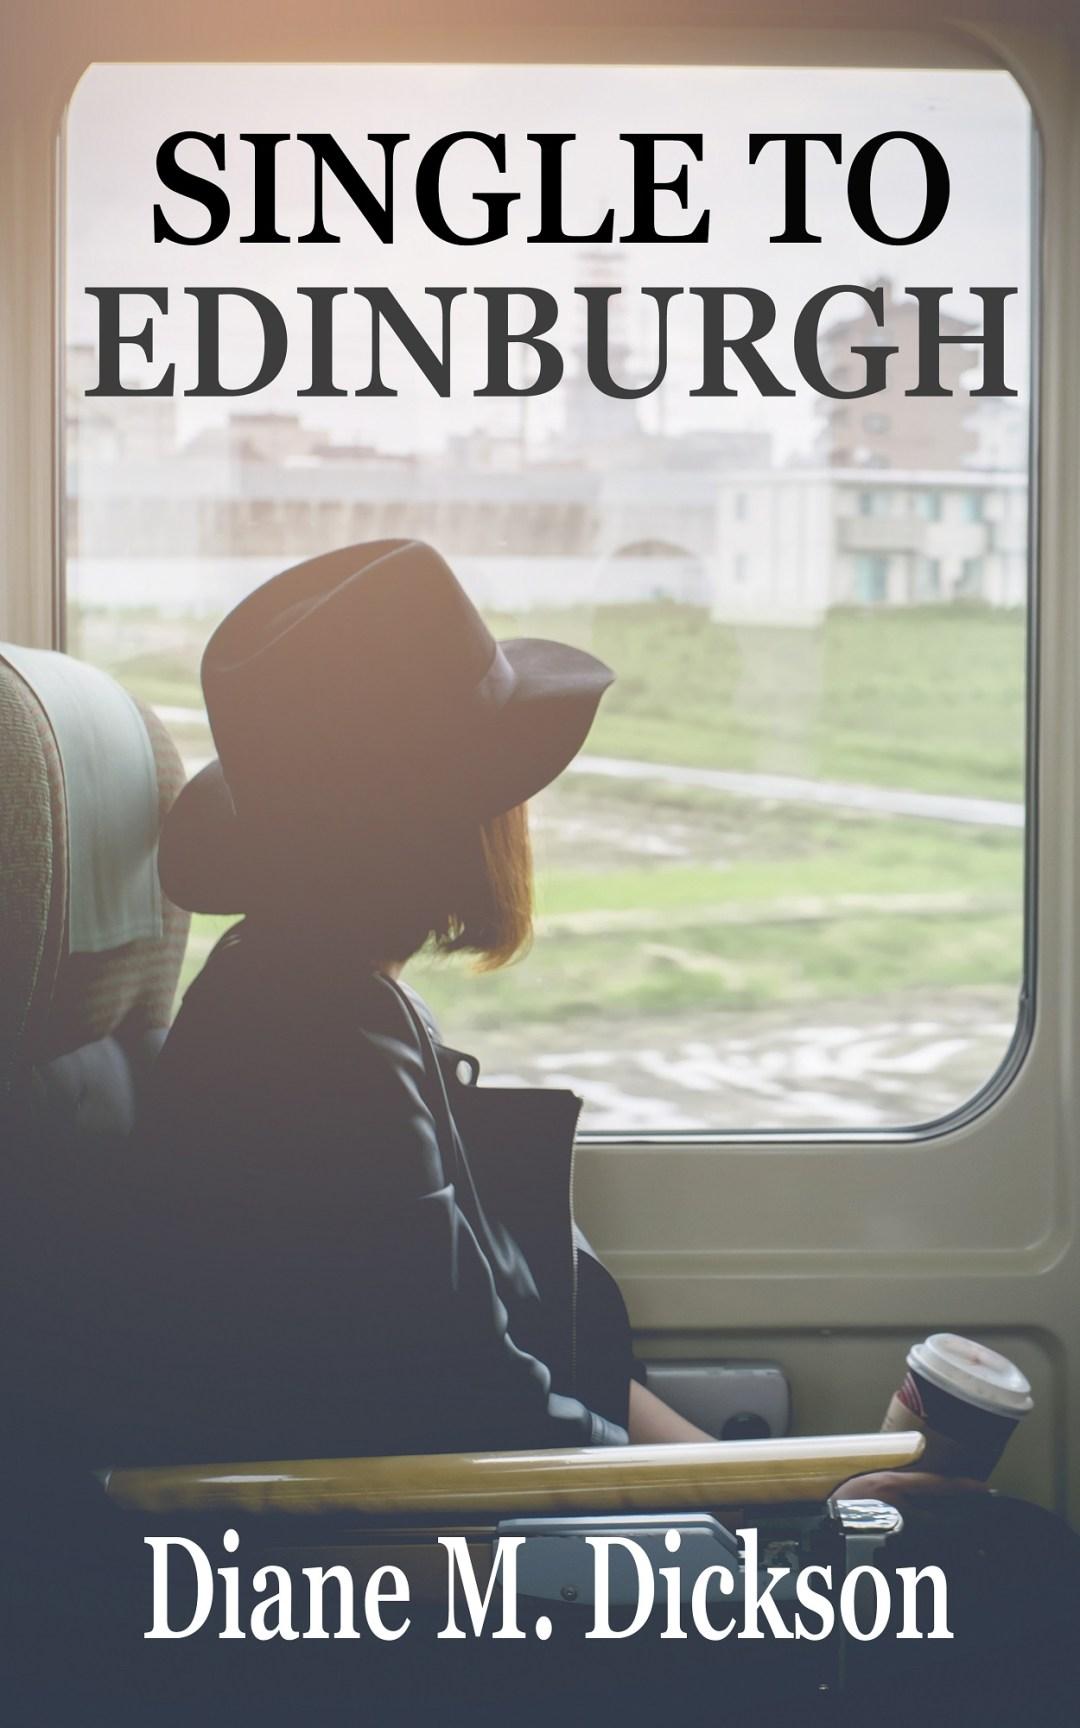 Single to Edinburgh by Diane Dickson